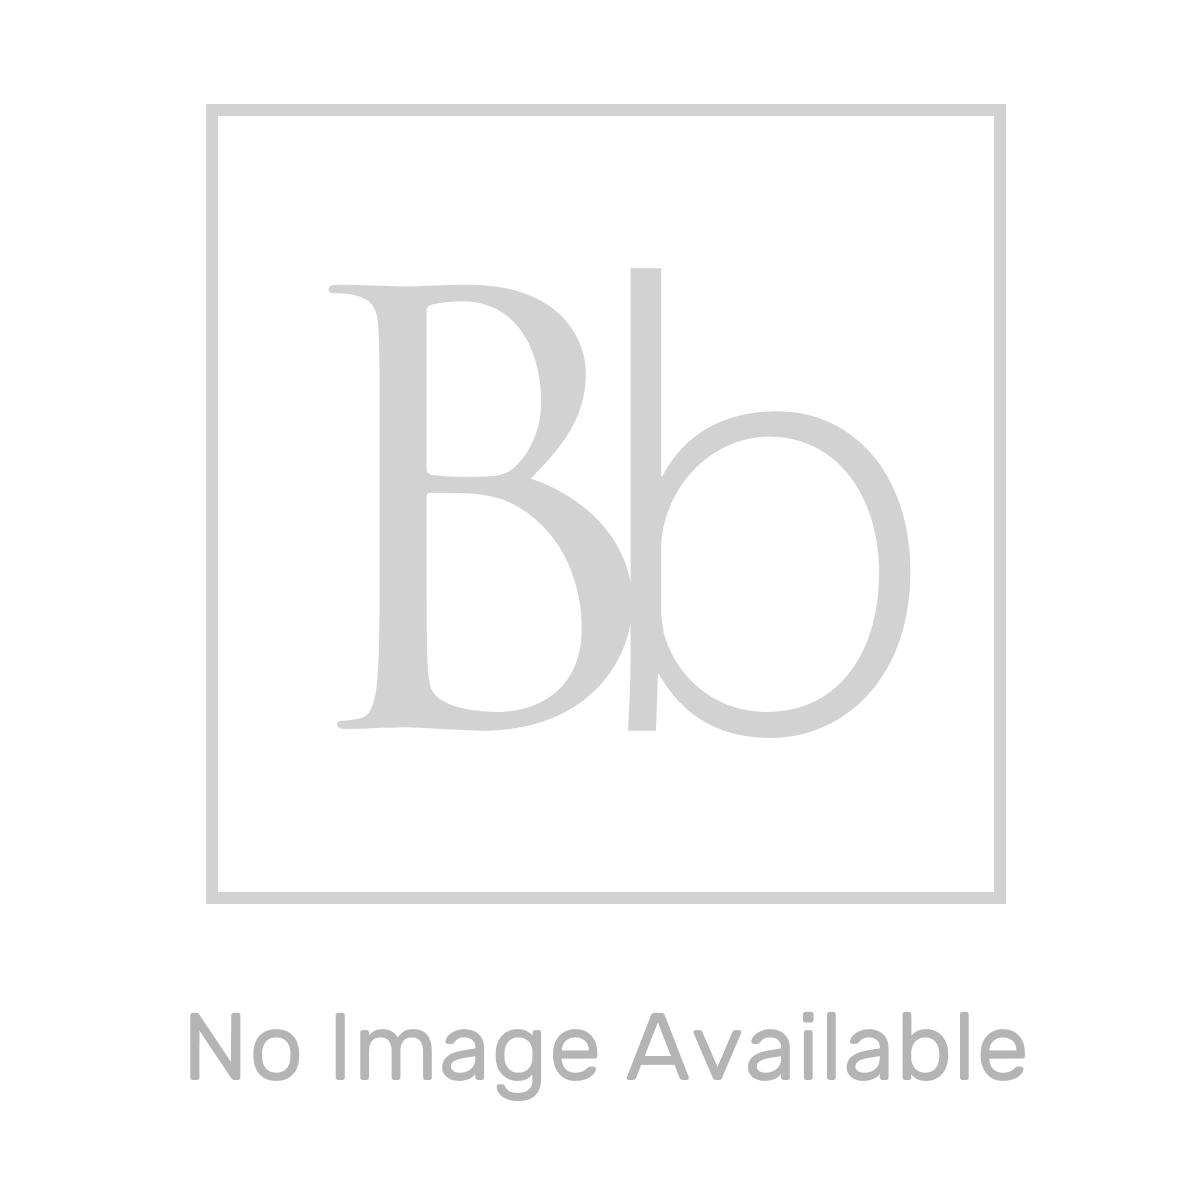 Stainless Steel Sliding Door Cabinet